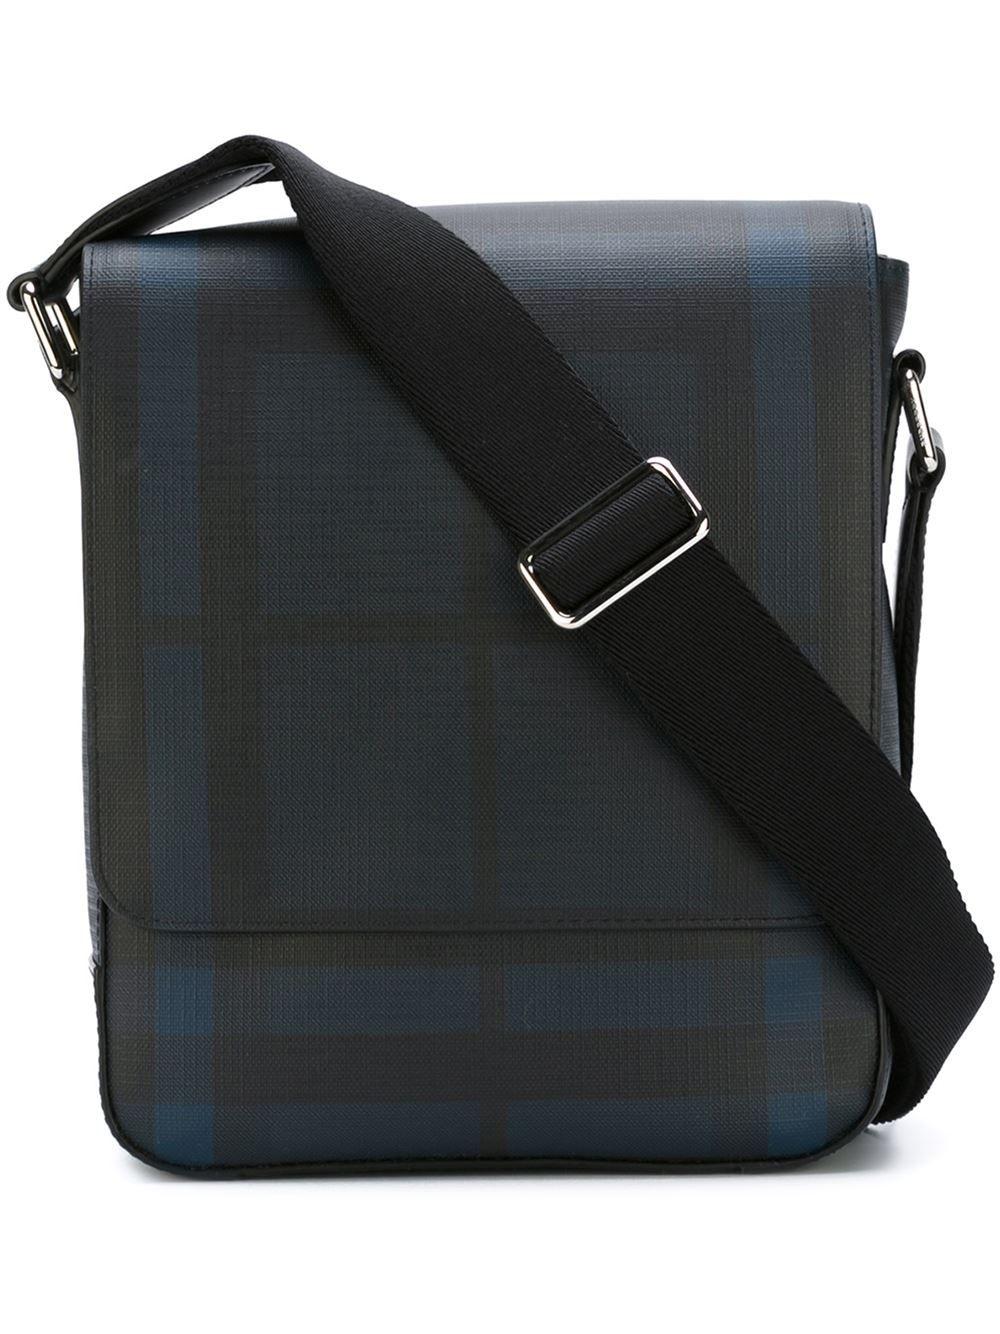 52c63bce3761 Versace Medusa Shoulder Bag